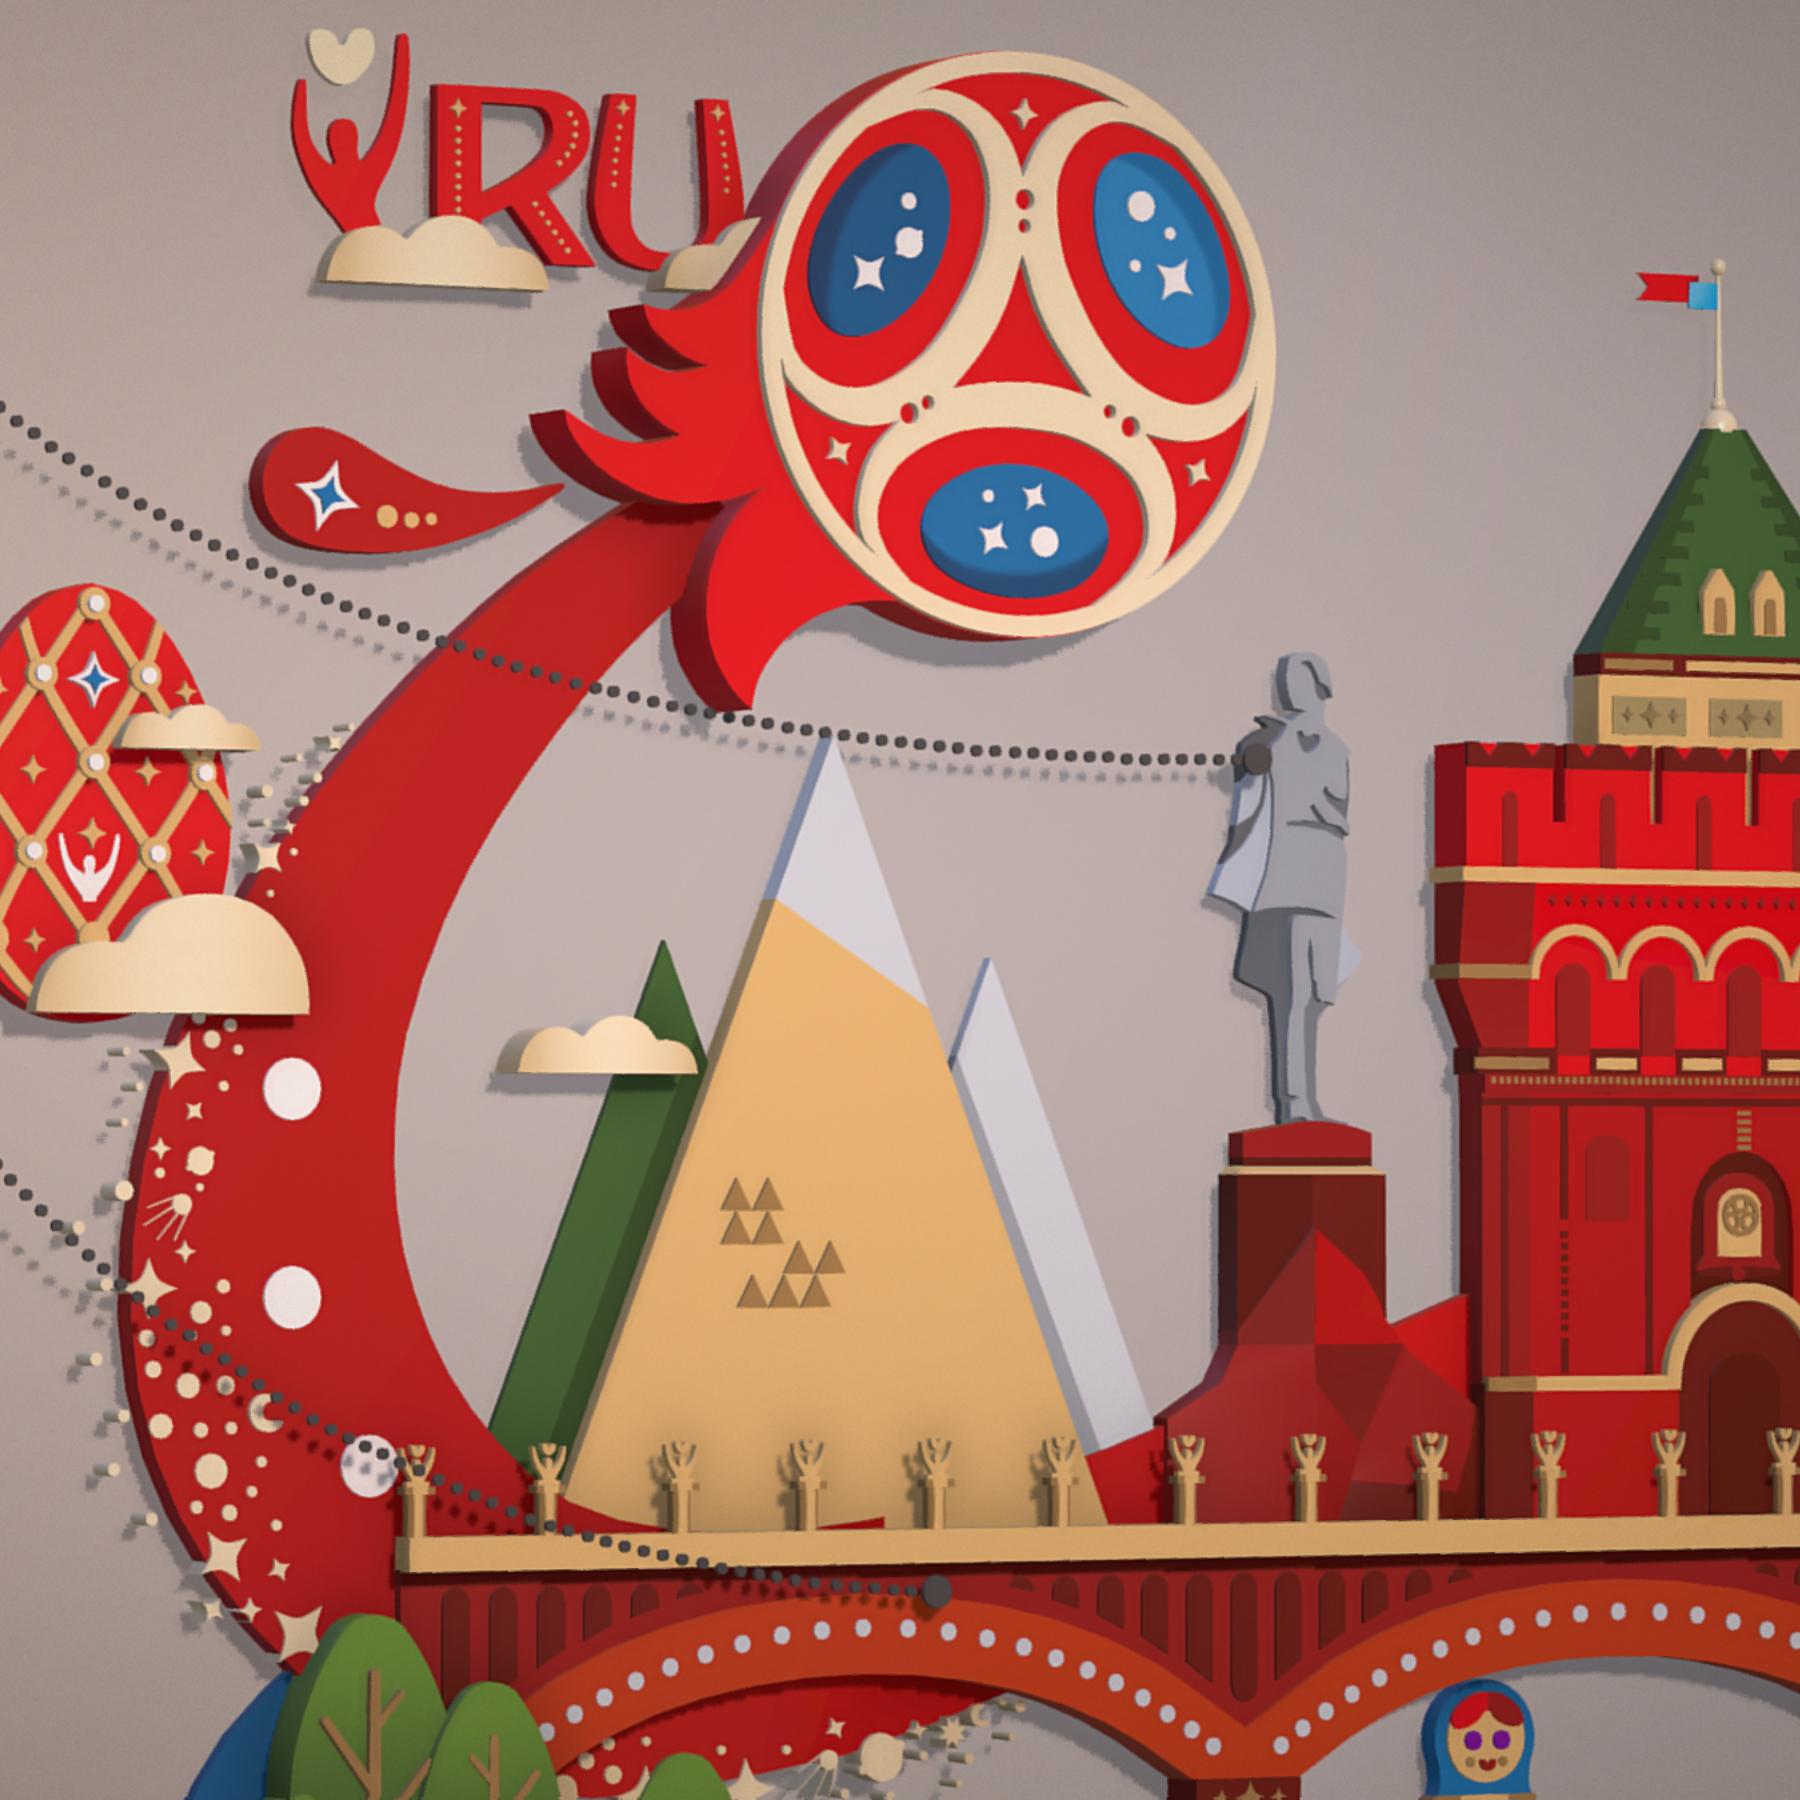 world cup 2018 russia host city novgorod 3d model max  fbx jpeg jpg ma mb obj 271577